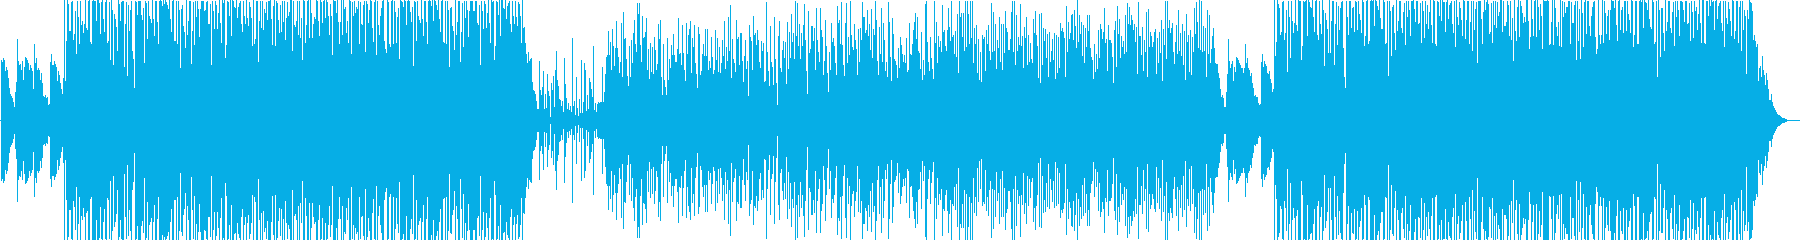 ファンクとオーソドックスジャズがMIXの再生済みの波形